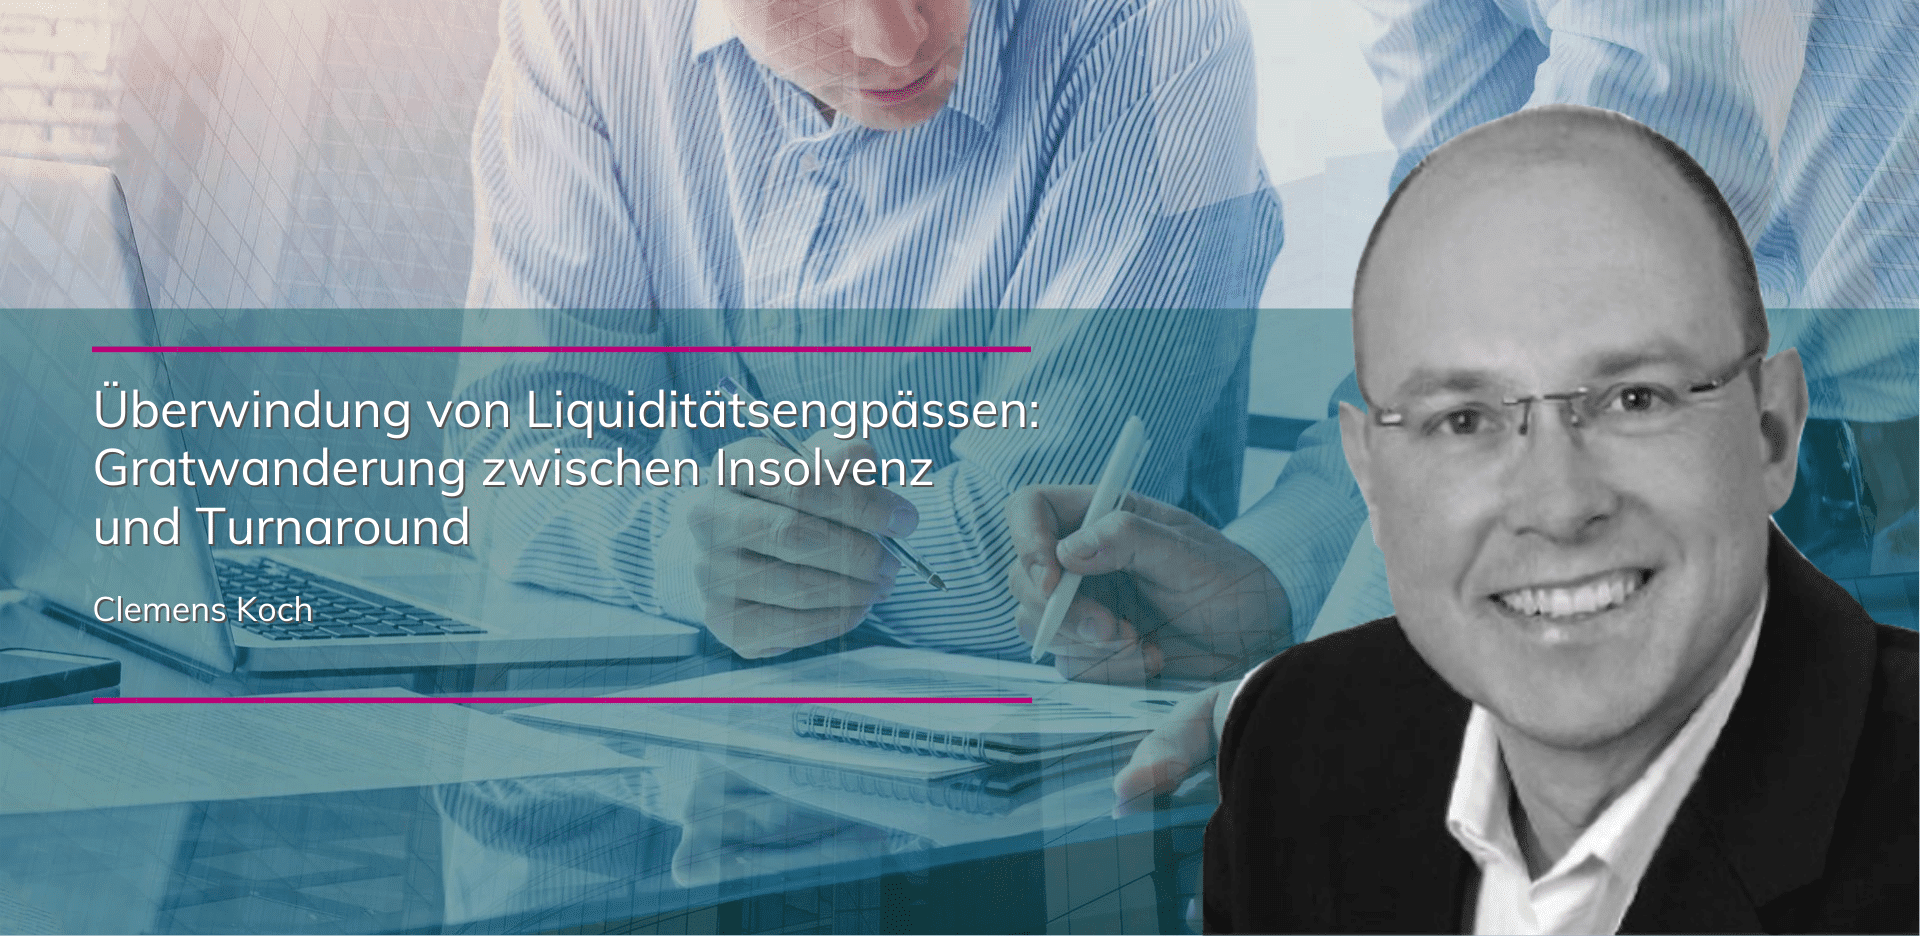 plenovia-blog-Überwindung von Liquiditätsengpässen- Gratwanderung zwischen Insolvenz und Turnaround-Koch-unternehmensberatung-restrukturierung-sanierungskonzepte-düsseldorf-frankfurt-berlin